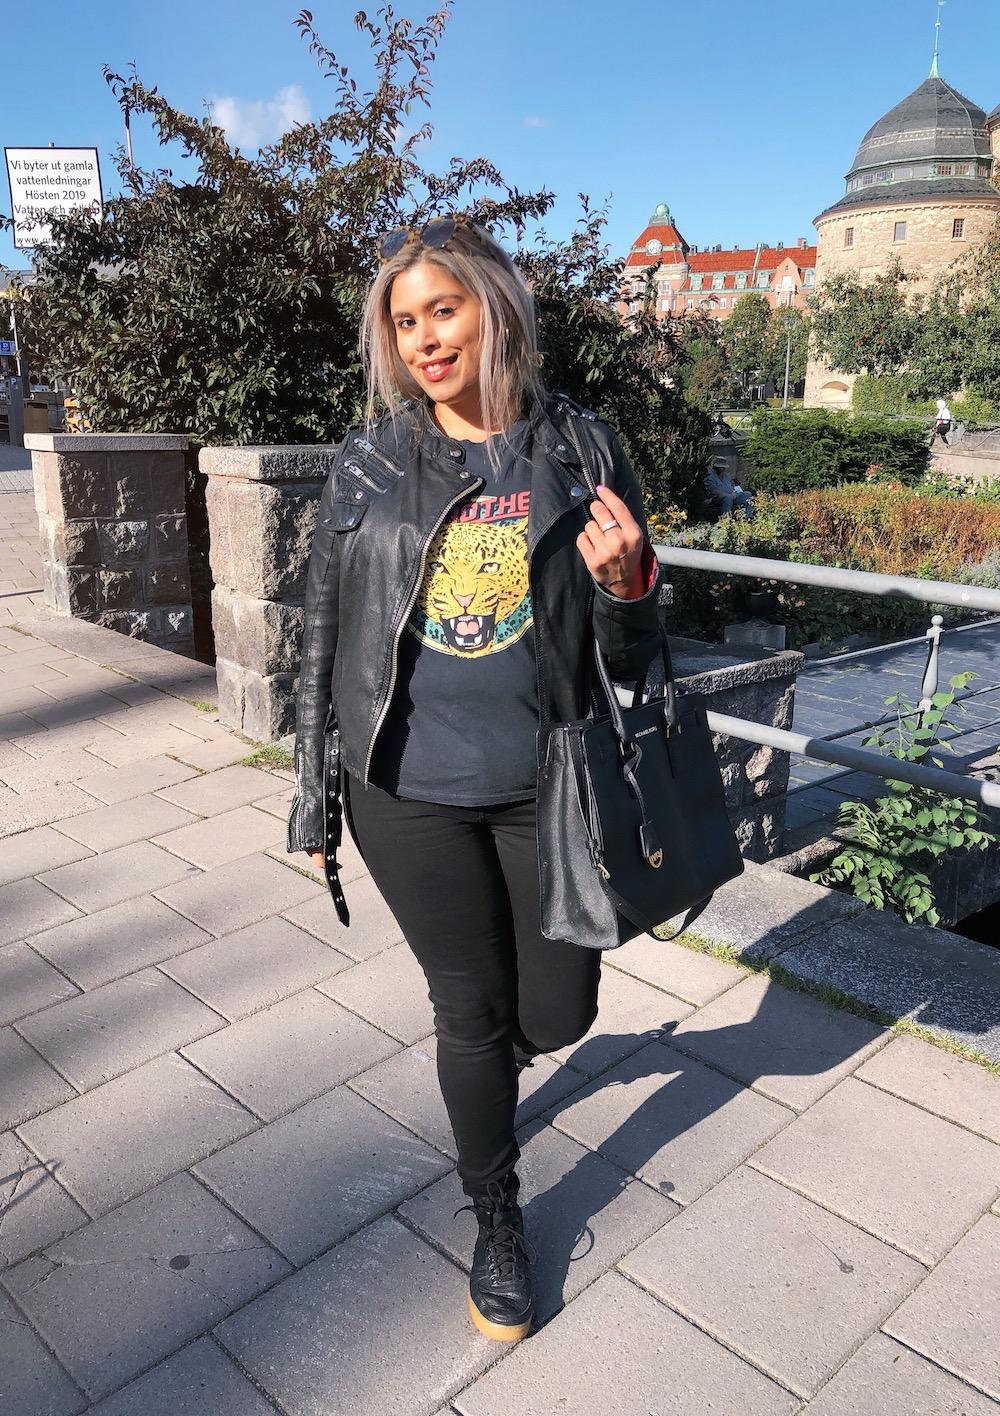 Plus size fashion in Orebro Sweden